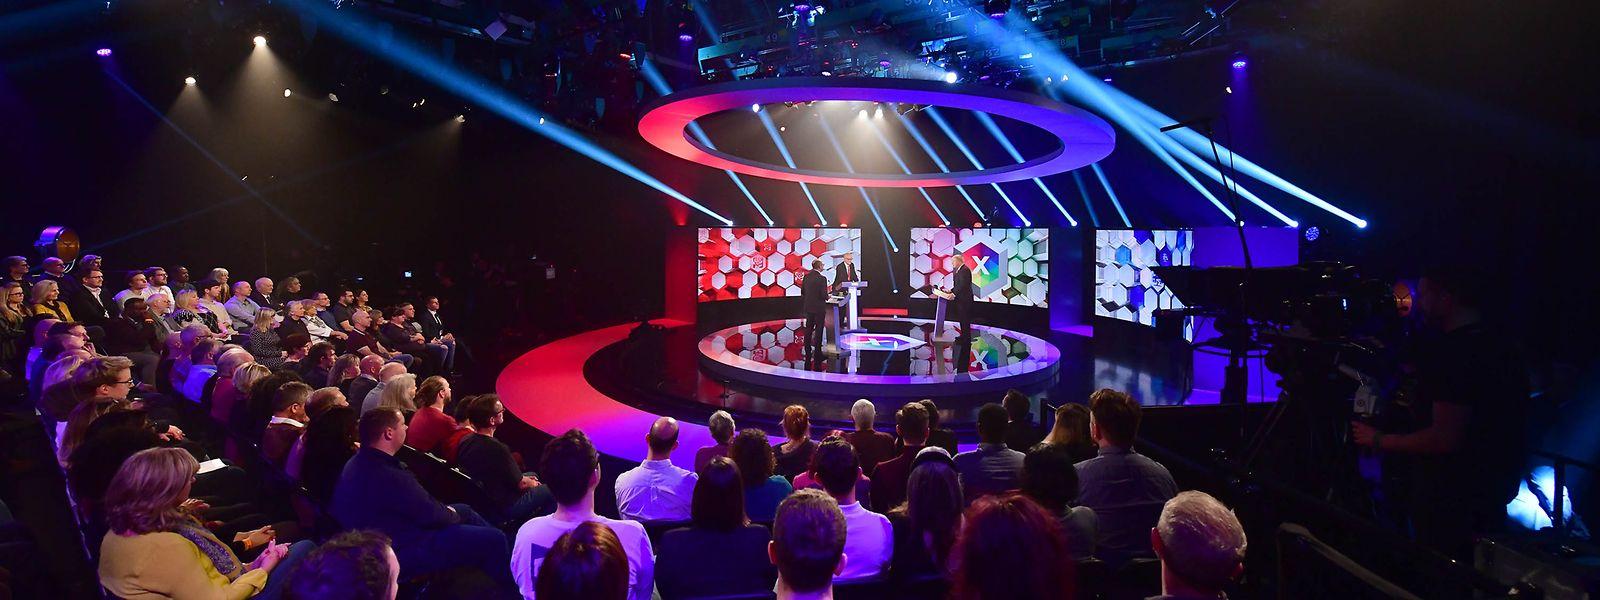 Die letzte TV-Debatte vor den Wahlen am 12. Dezember fand am Freitagabend in den BBC-Studios in Maidstone statt.